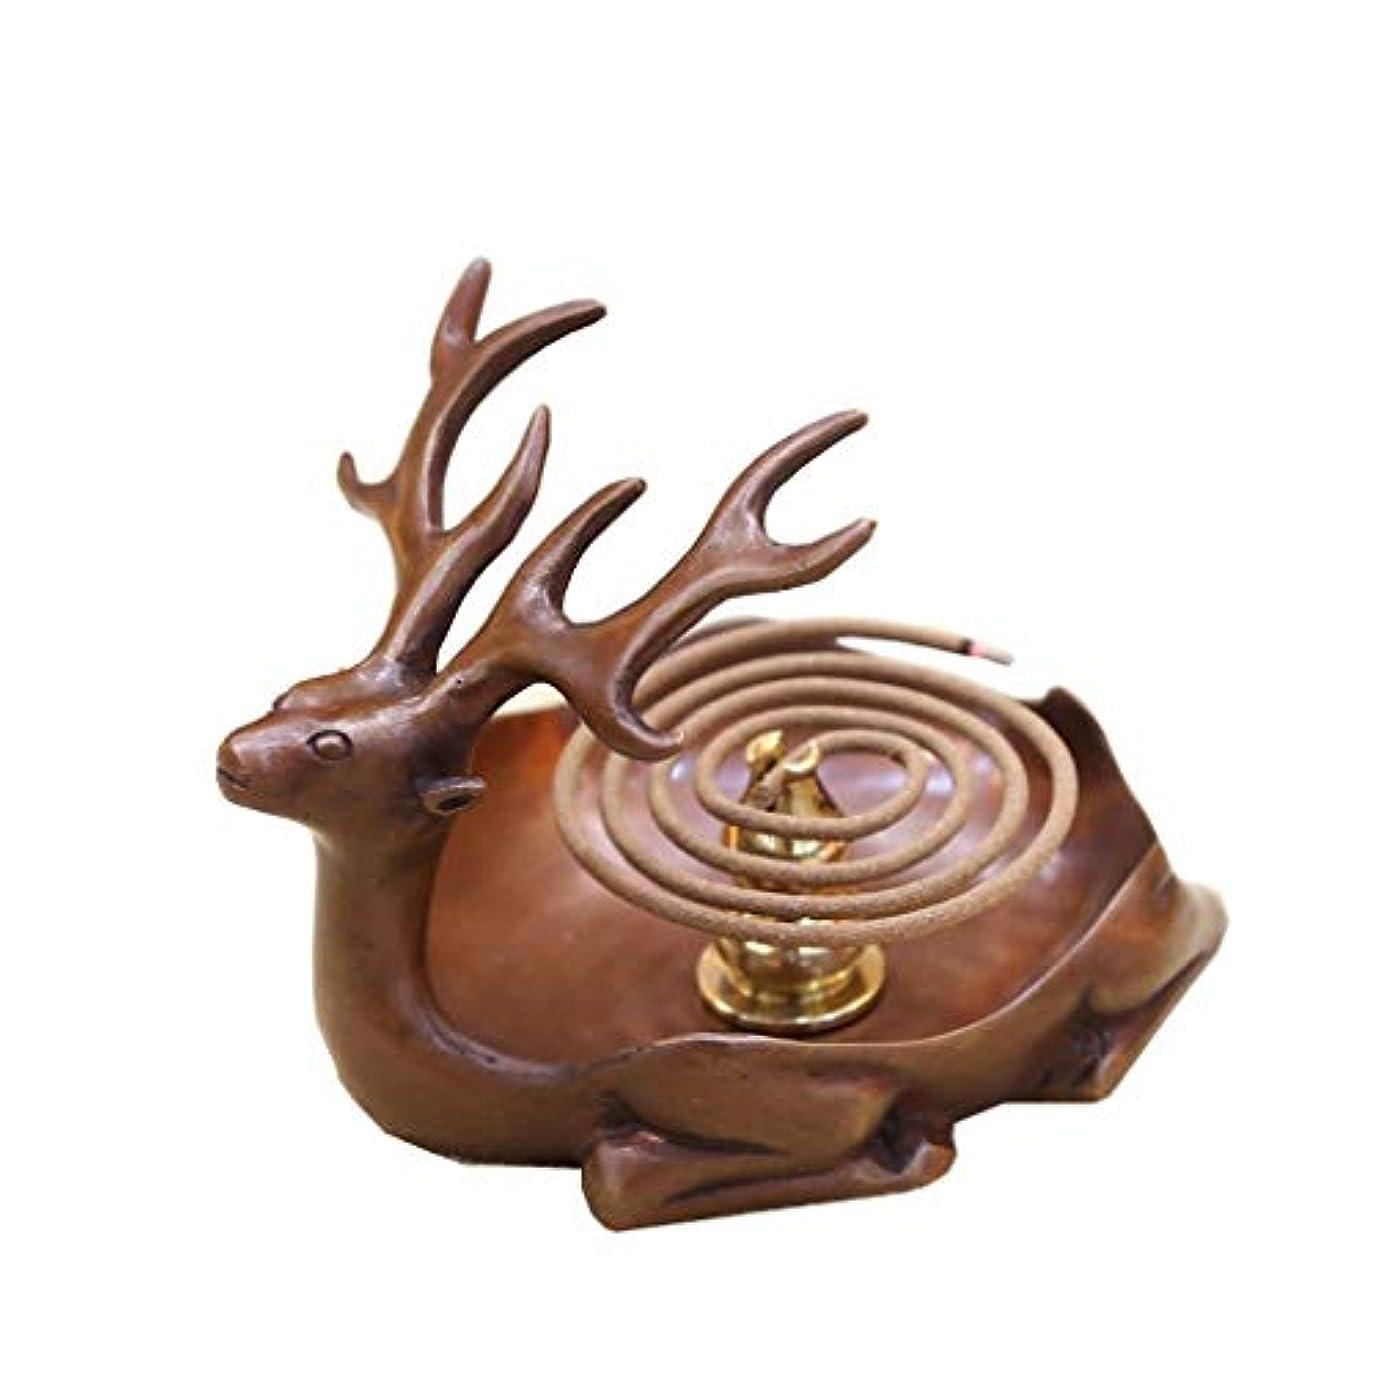 優しい不実ポスト印象派ホームアロマバーナー 純粋な銅アンティーク子鹿香バーナーホーム屋内香ビャクダン茶セレモニー香バーナー装飾 アロマバーナー (Color : Brown)